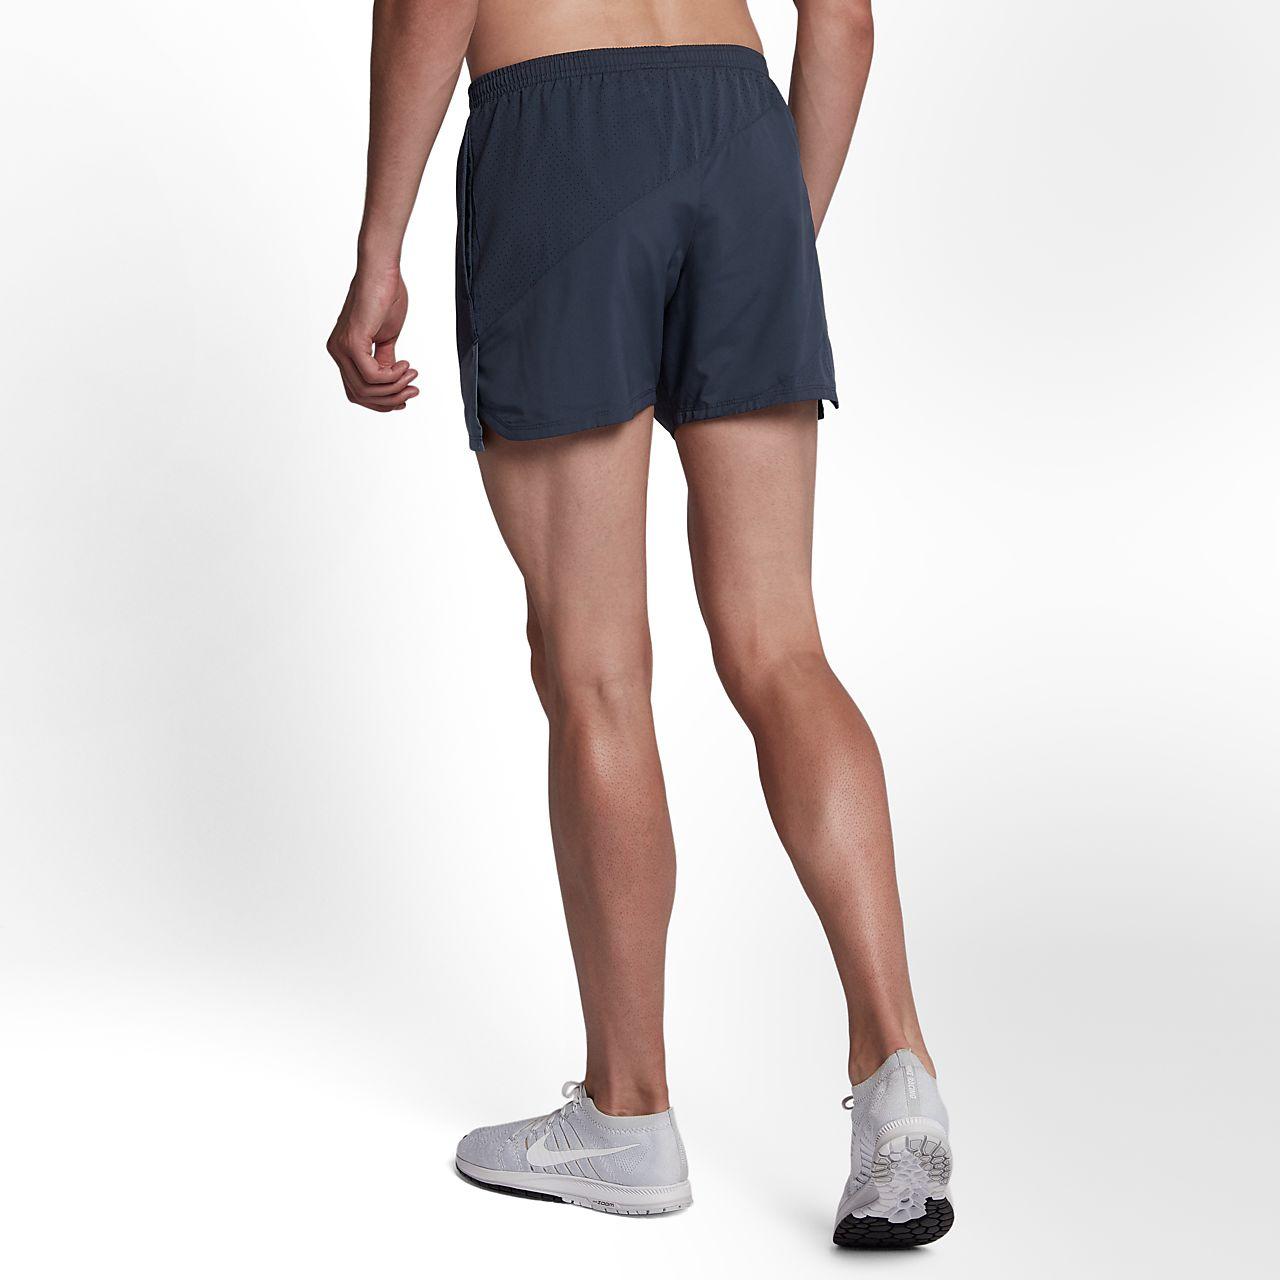 2 inch running shorts mens